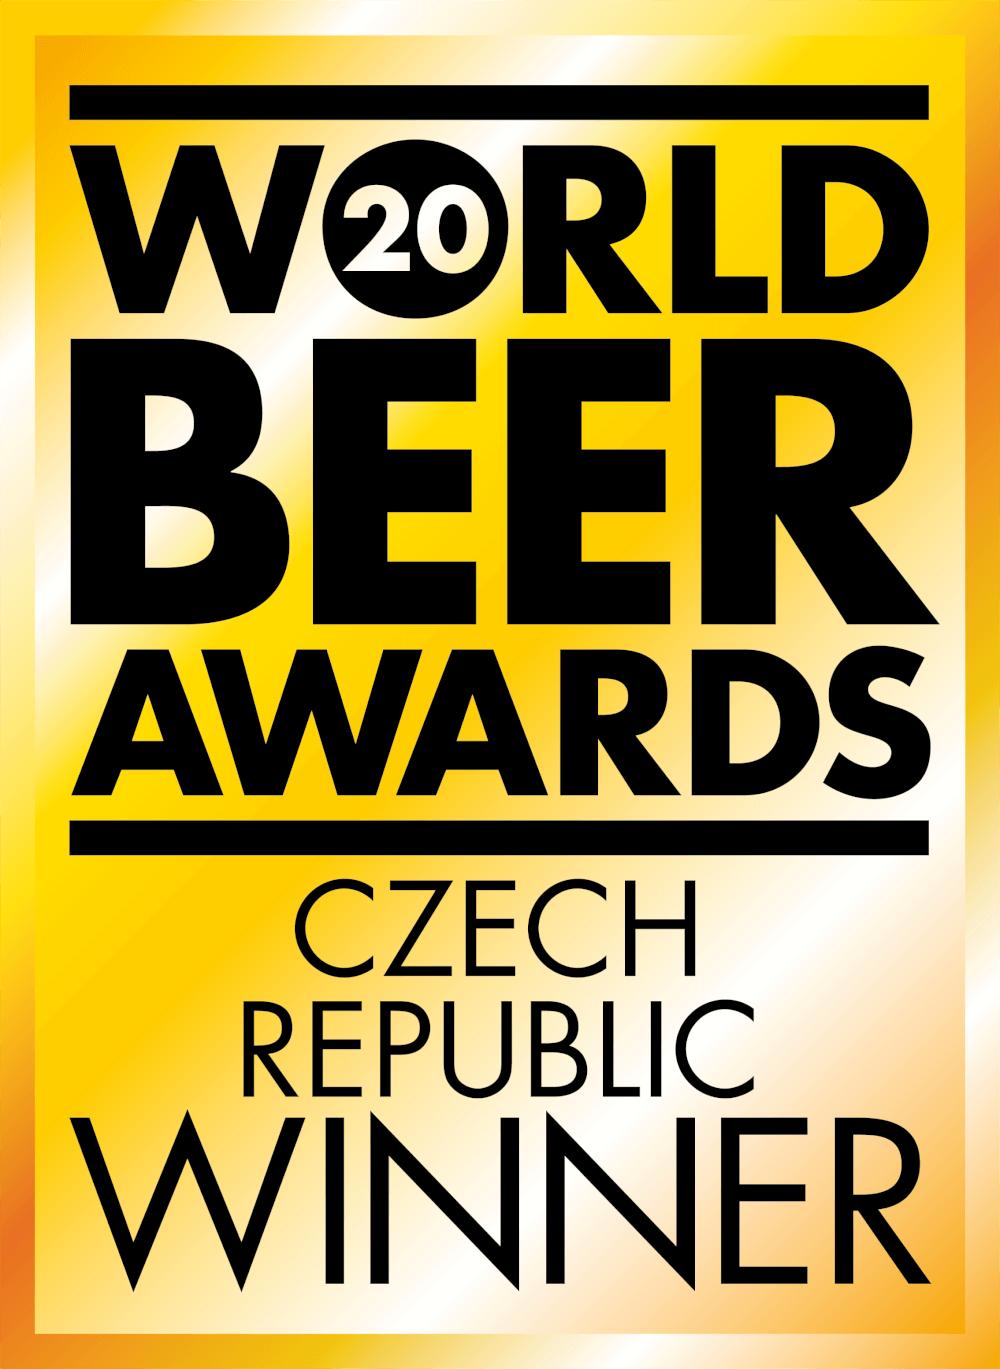 WBA20-CzechRepublic-WINNER.png